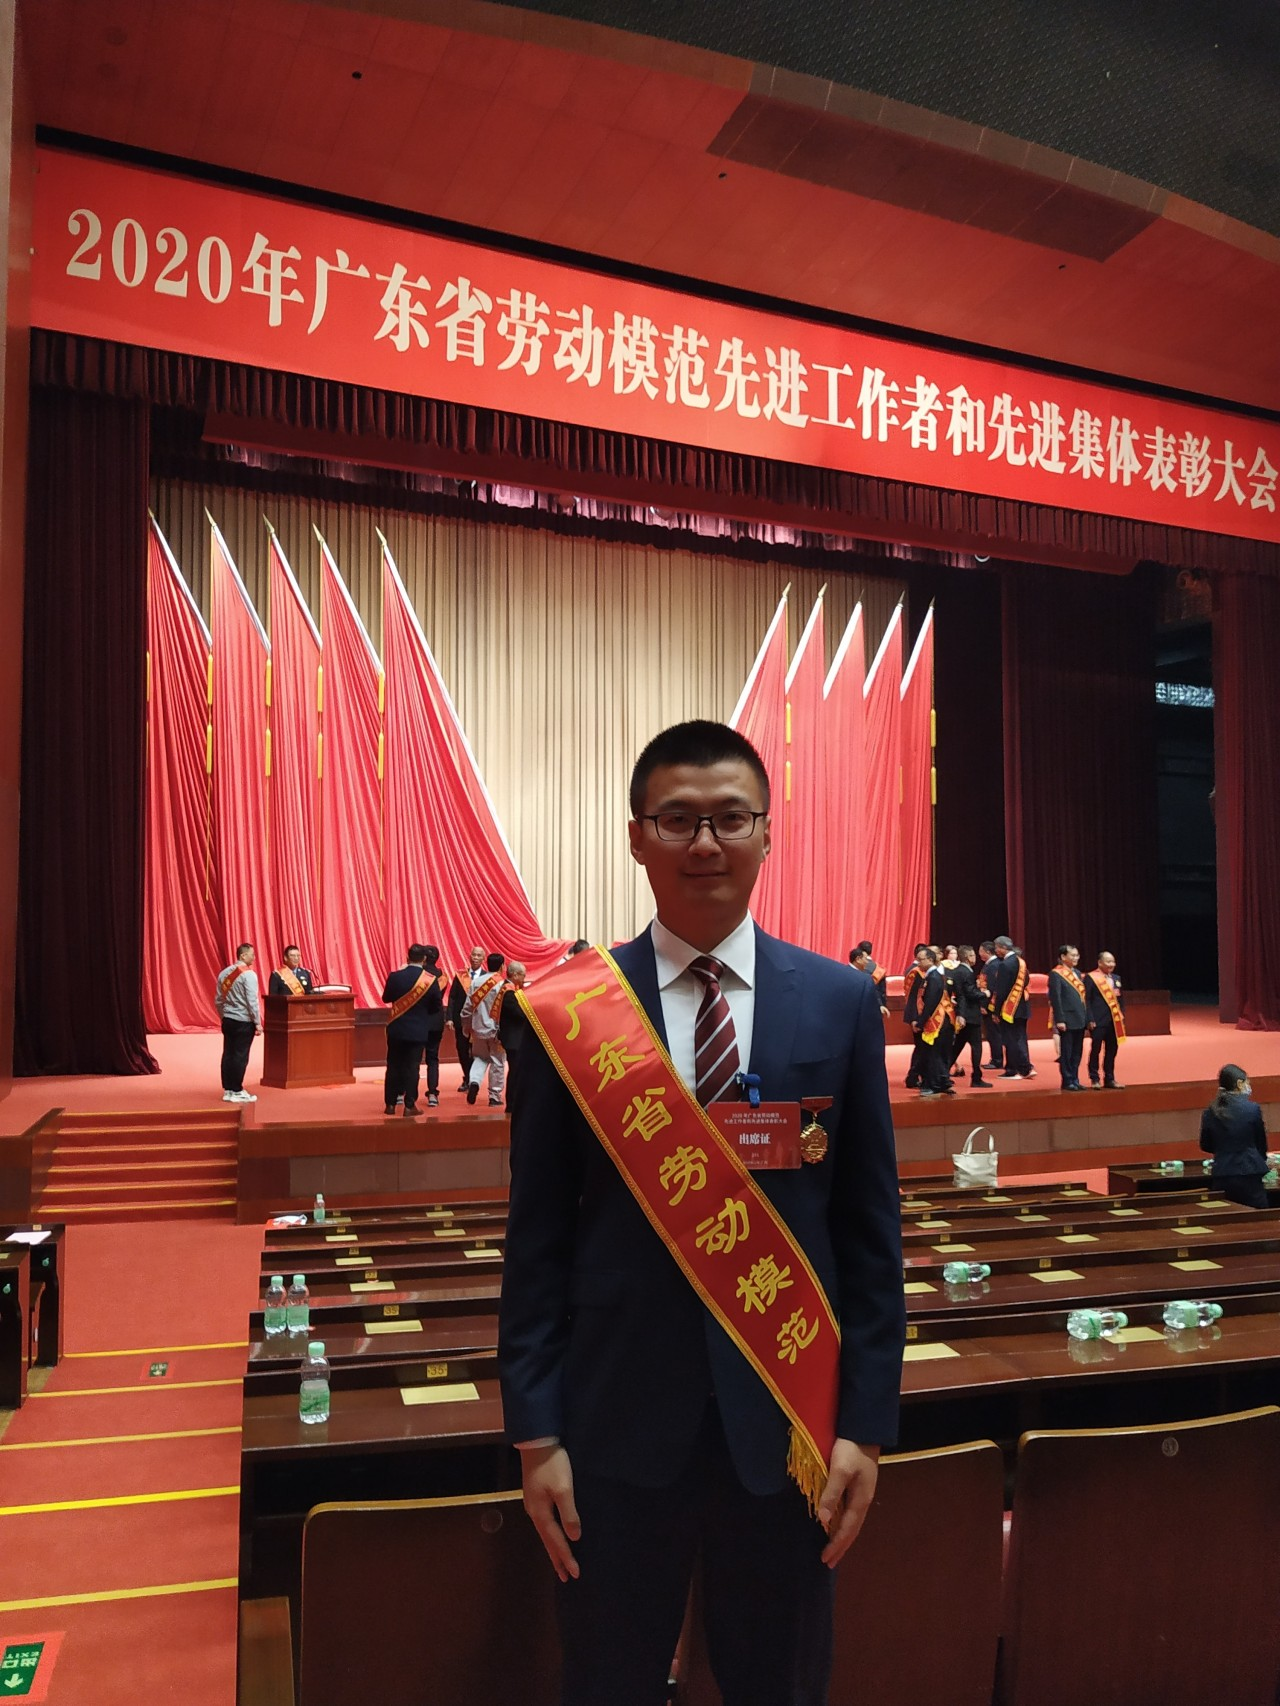 张本忠参加2020年广东省劳动模范先进工作者和先进集体表彰大会。.jpg